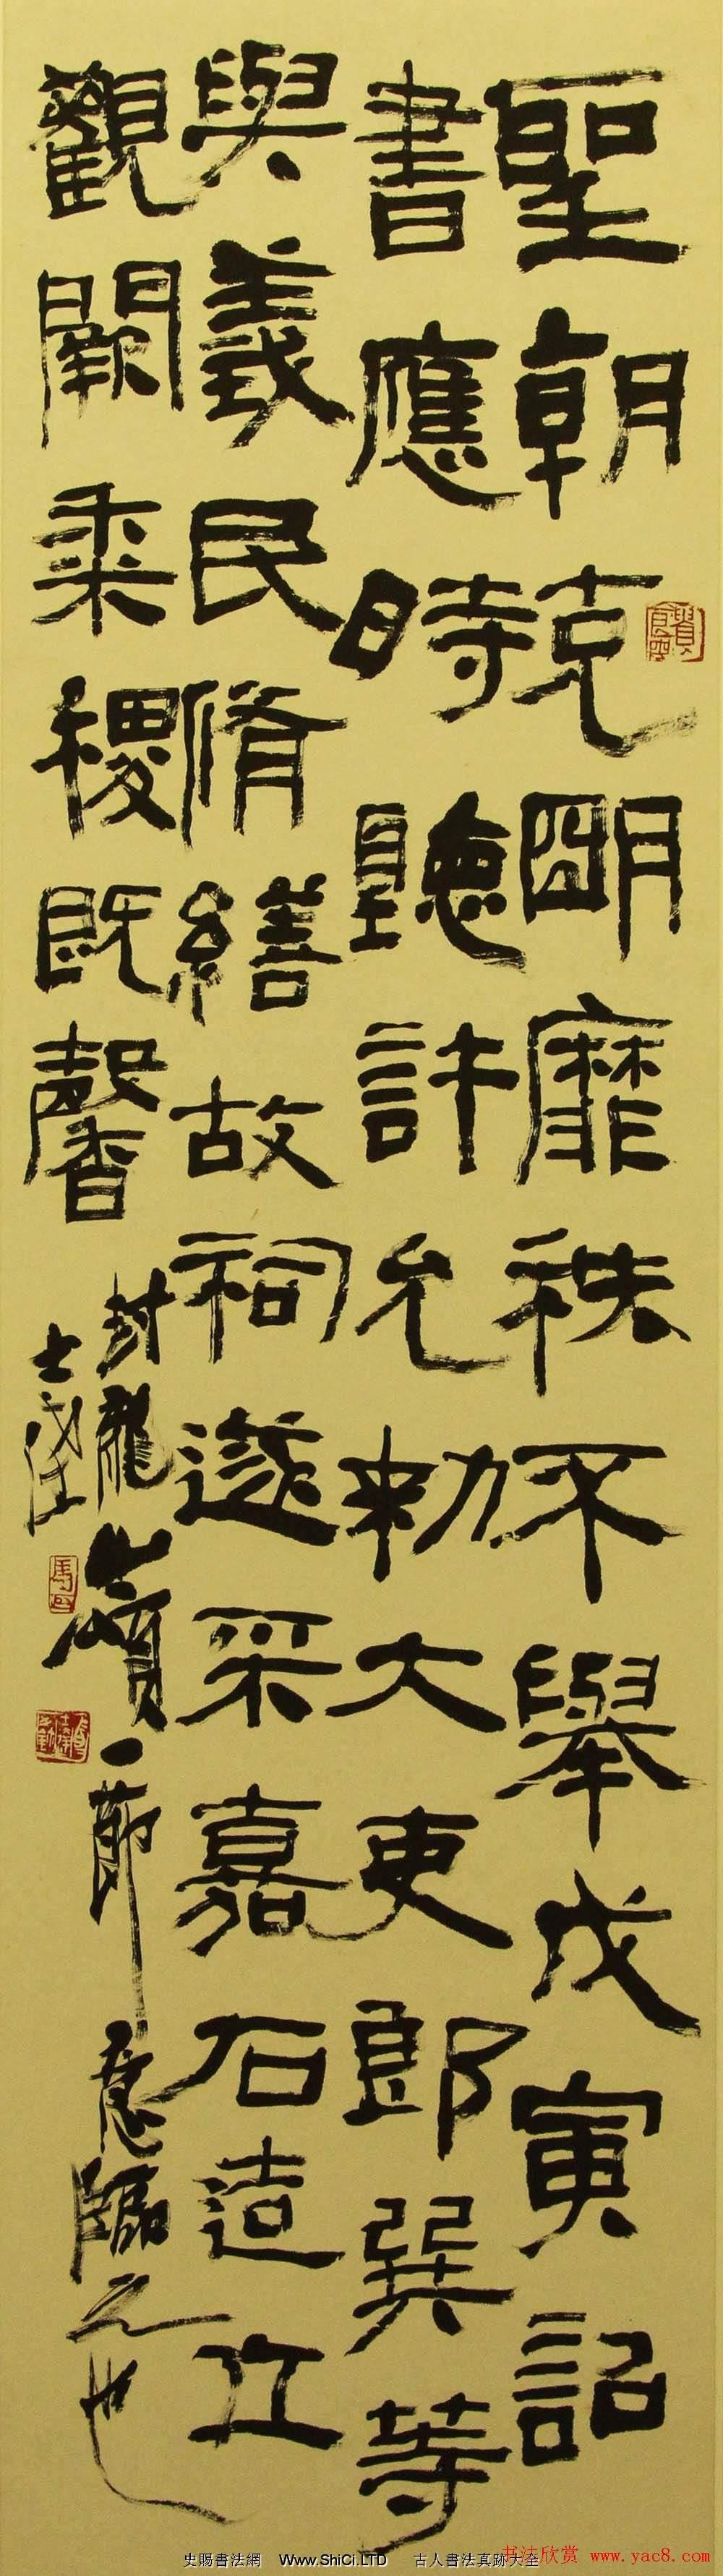 江蘇美術館馬士達書法篆刻展作品欣賞